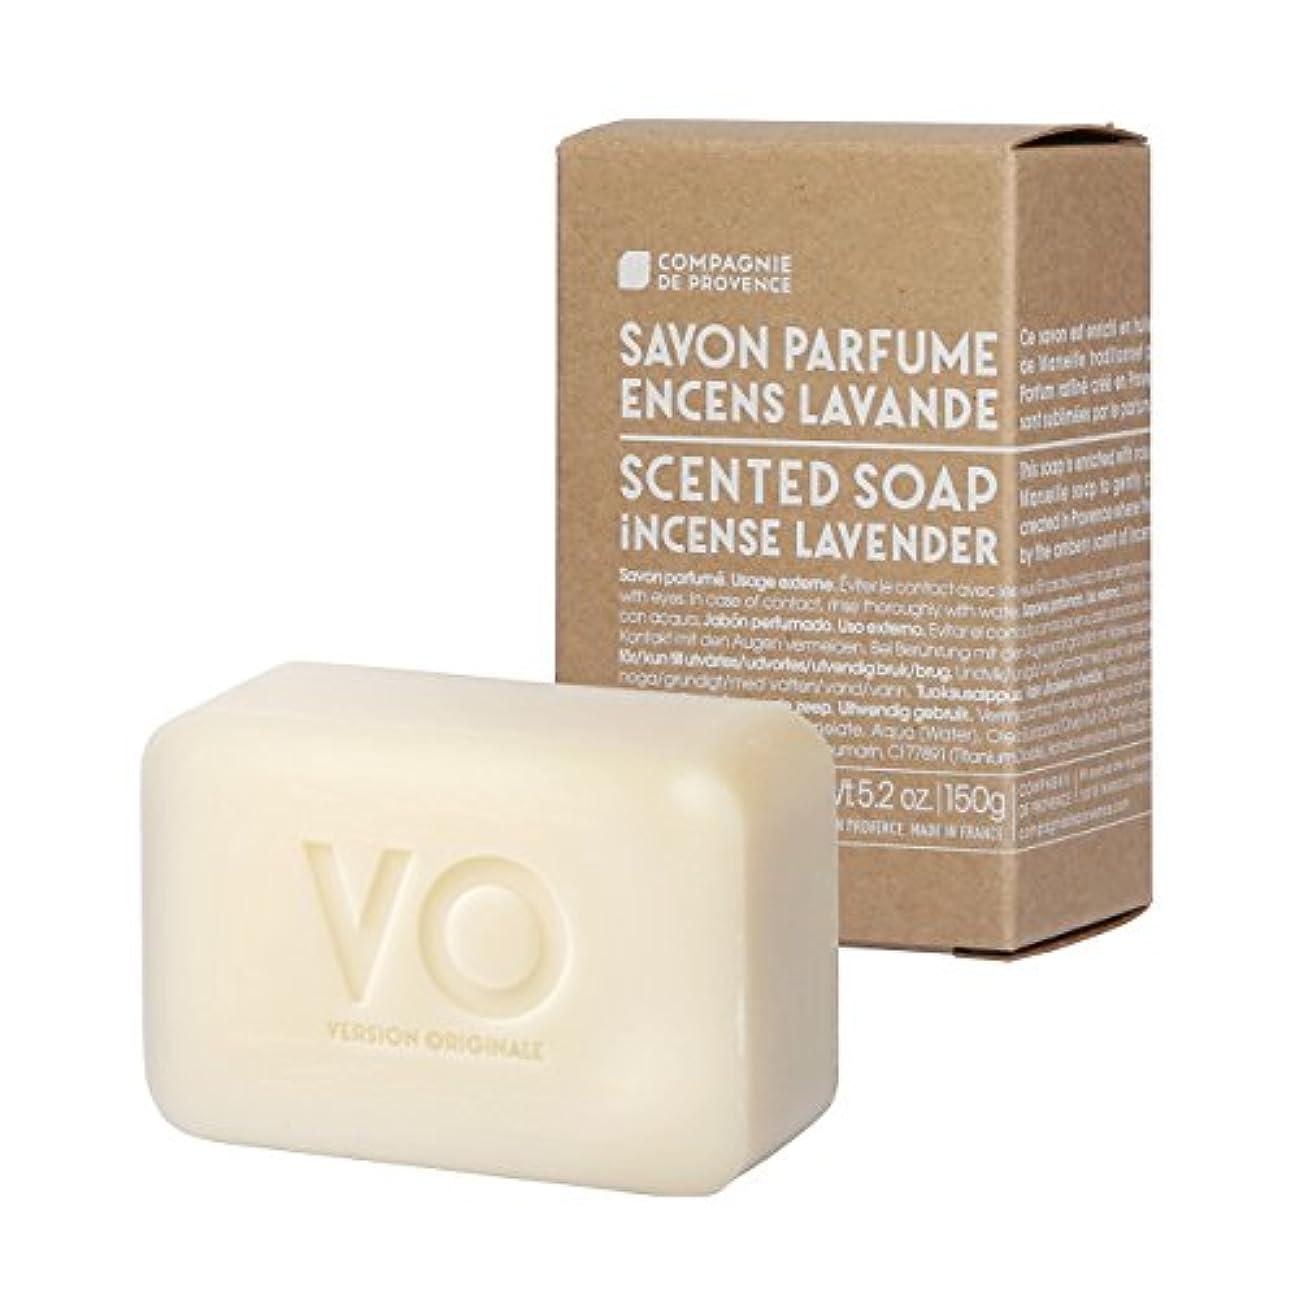 予測換気期待するカンパニードプロバンス バージョンオリジナル センティッドソープ インセンスラベンダー(ラベンダーとお香の香り) 150g